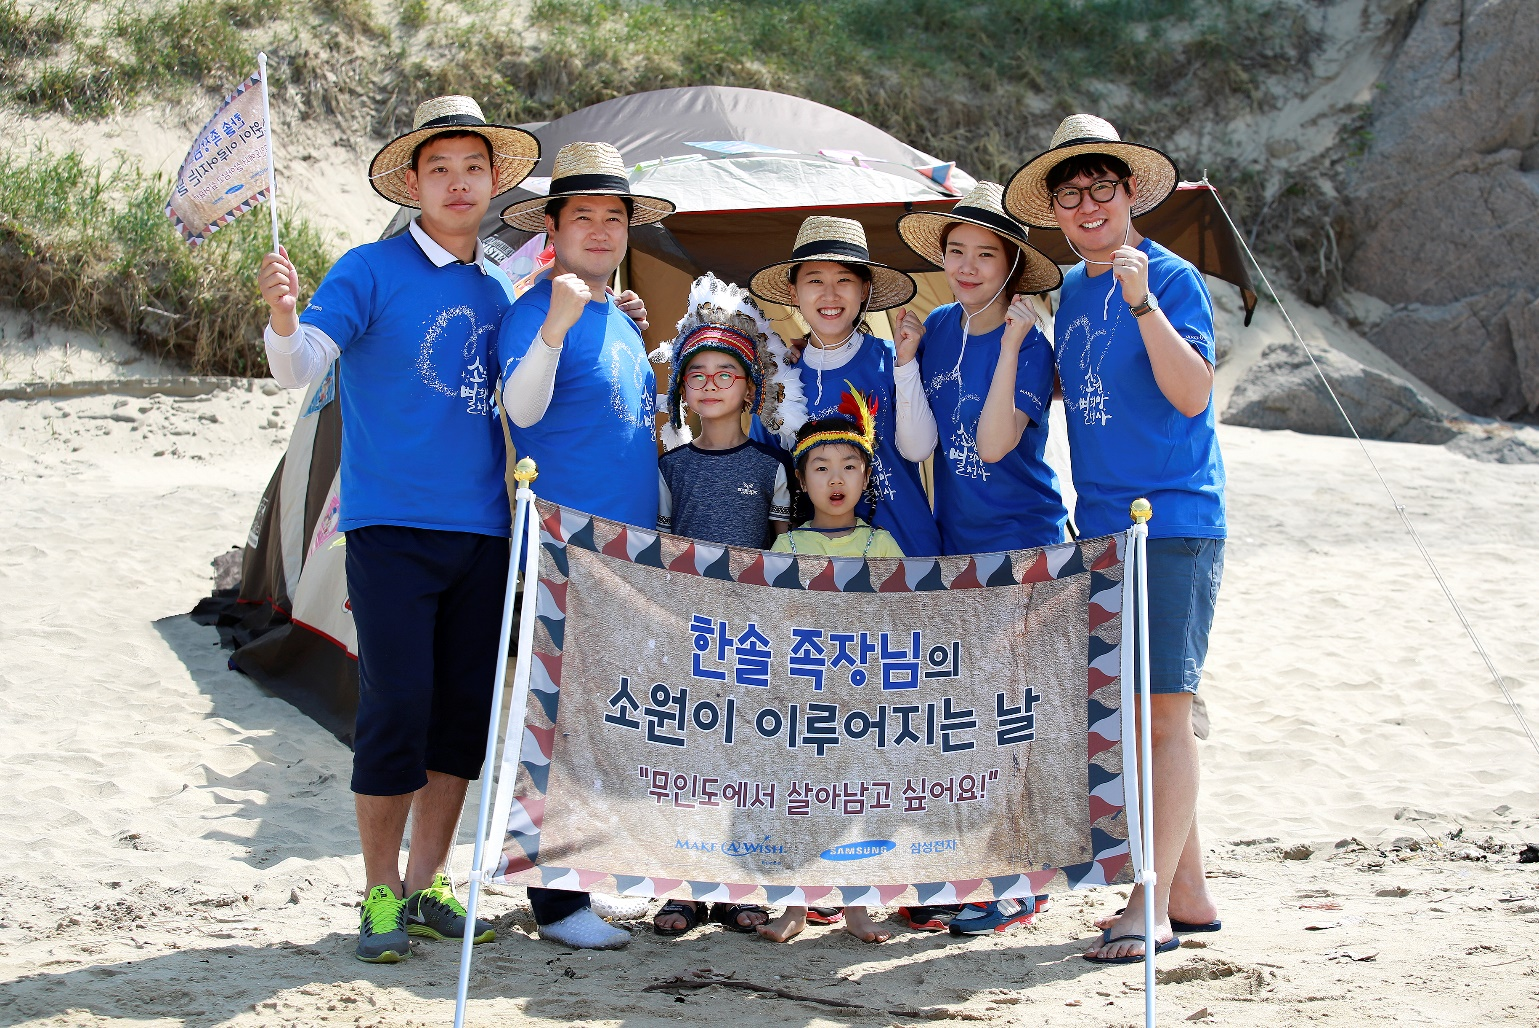 버킷림프종 8살 아동, 난치병 아동 소원성취 기관 한국메이크어위시재단에 사연 신청